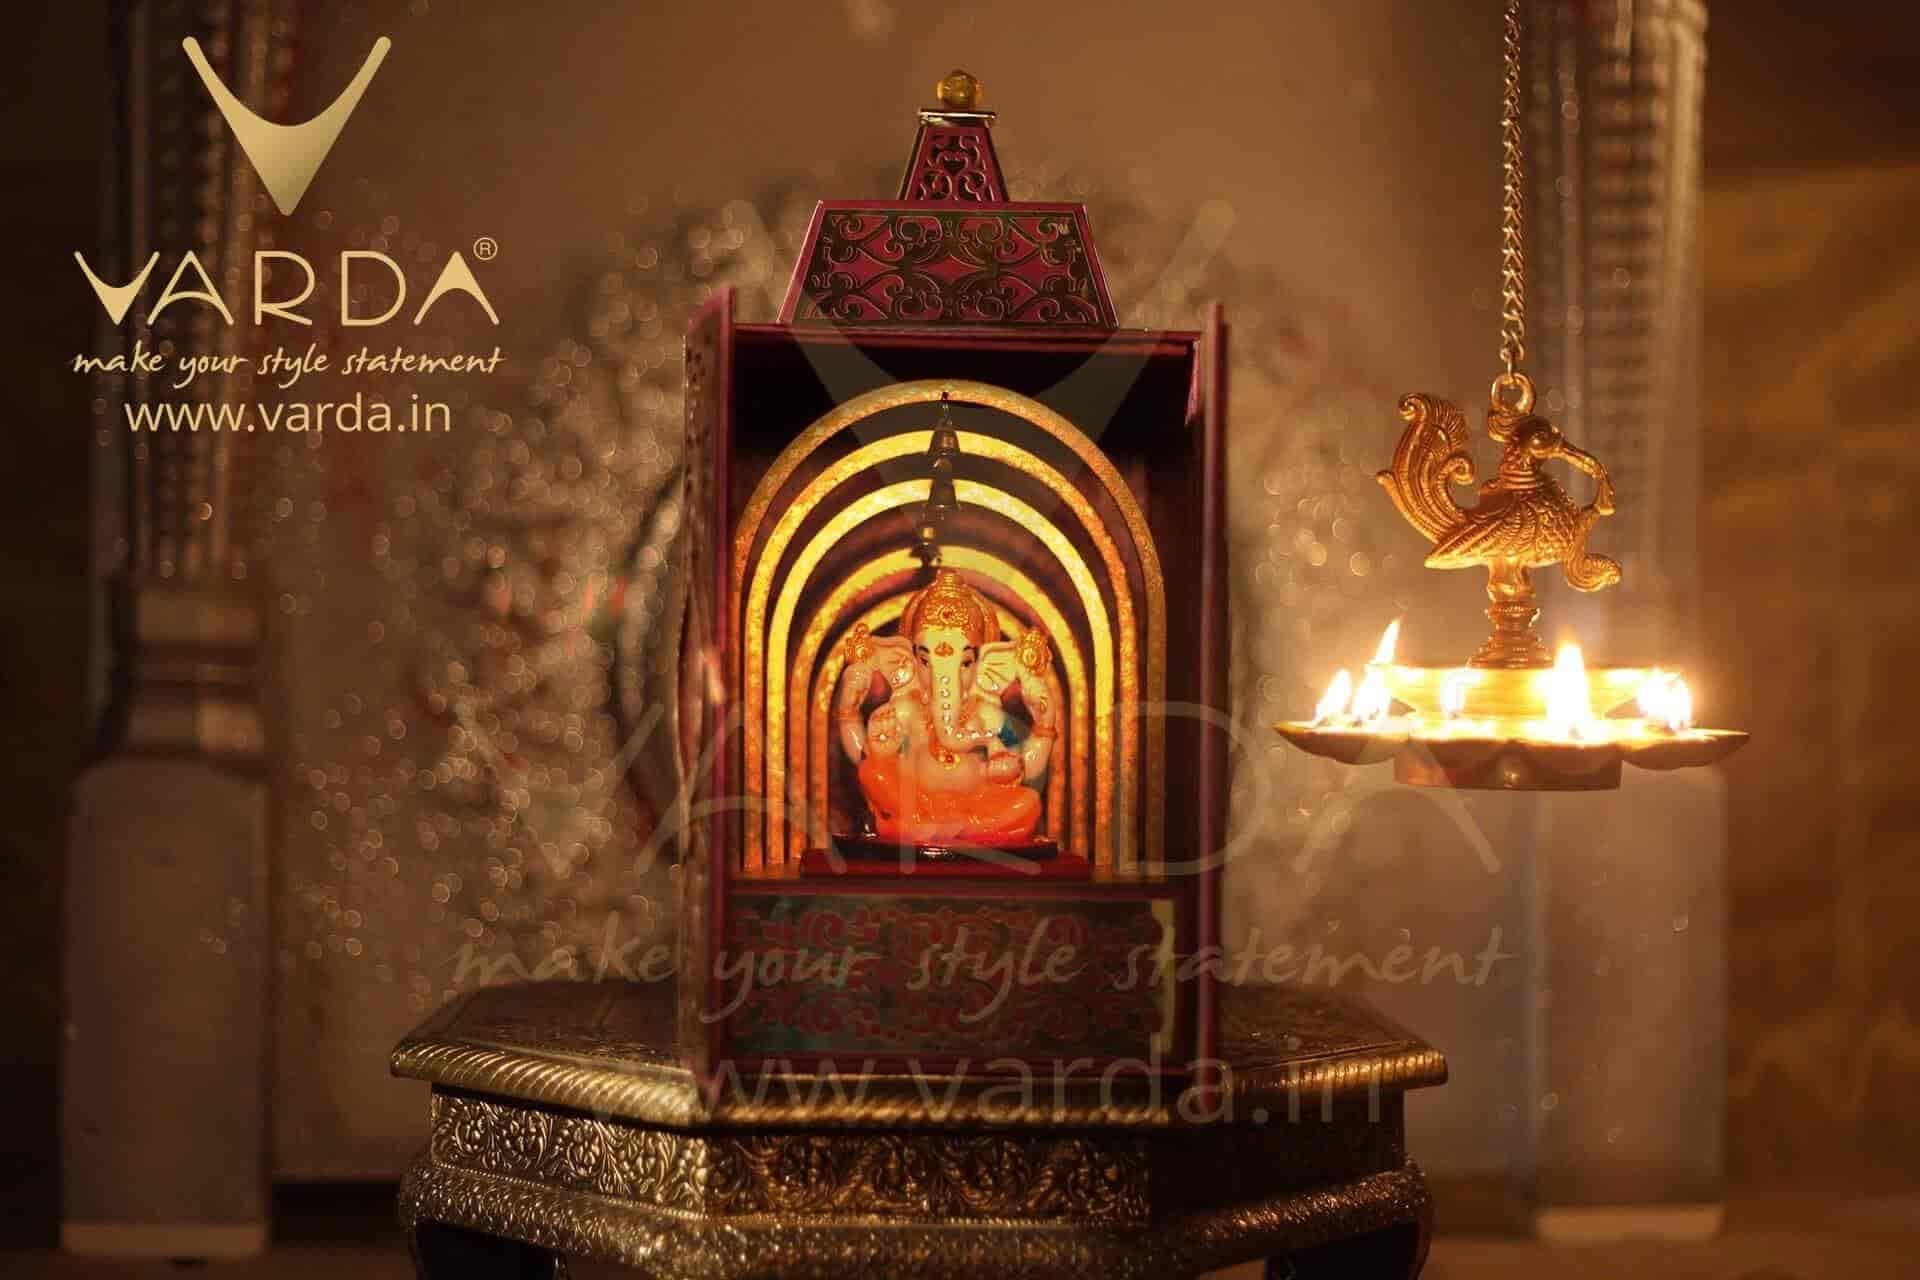 Varda designer invitation cards lajpat nagar 1 wedding card varda designer invitation cards lajpat nagar 1 wedding card designers in delhi justdial kristyandbryce Gallery